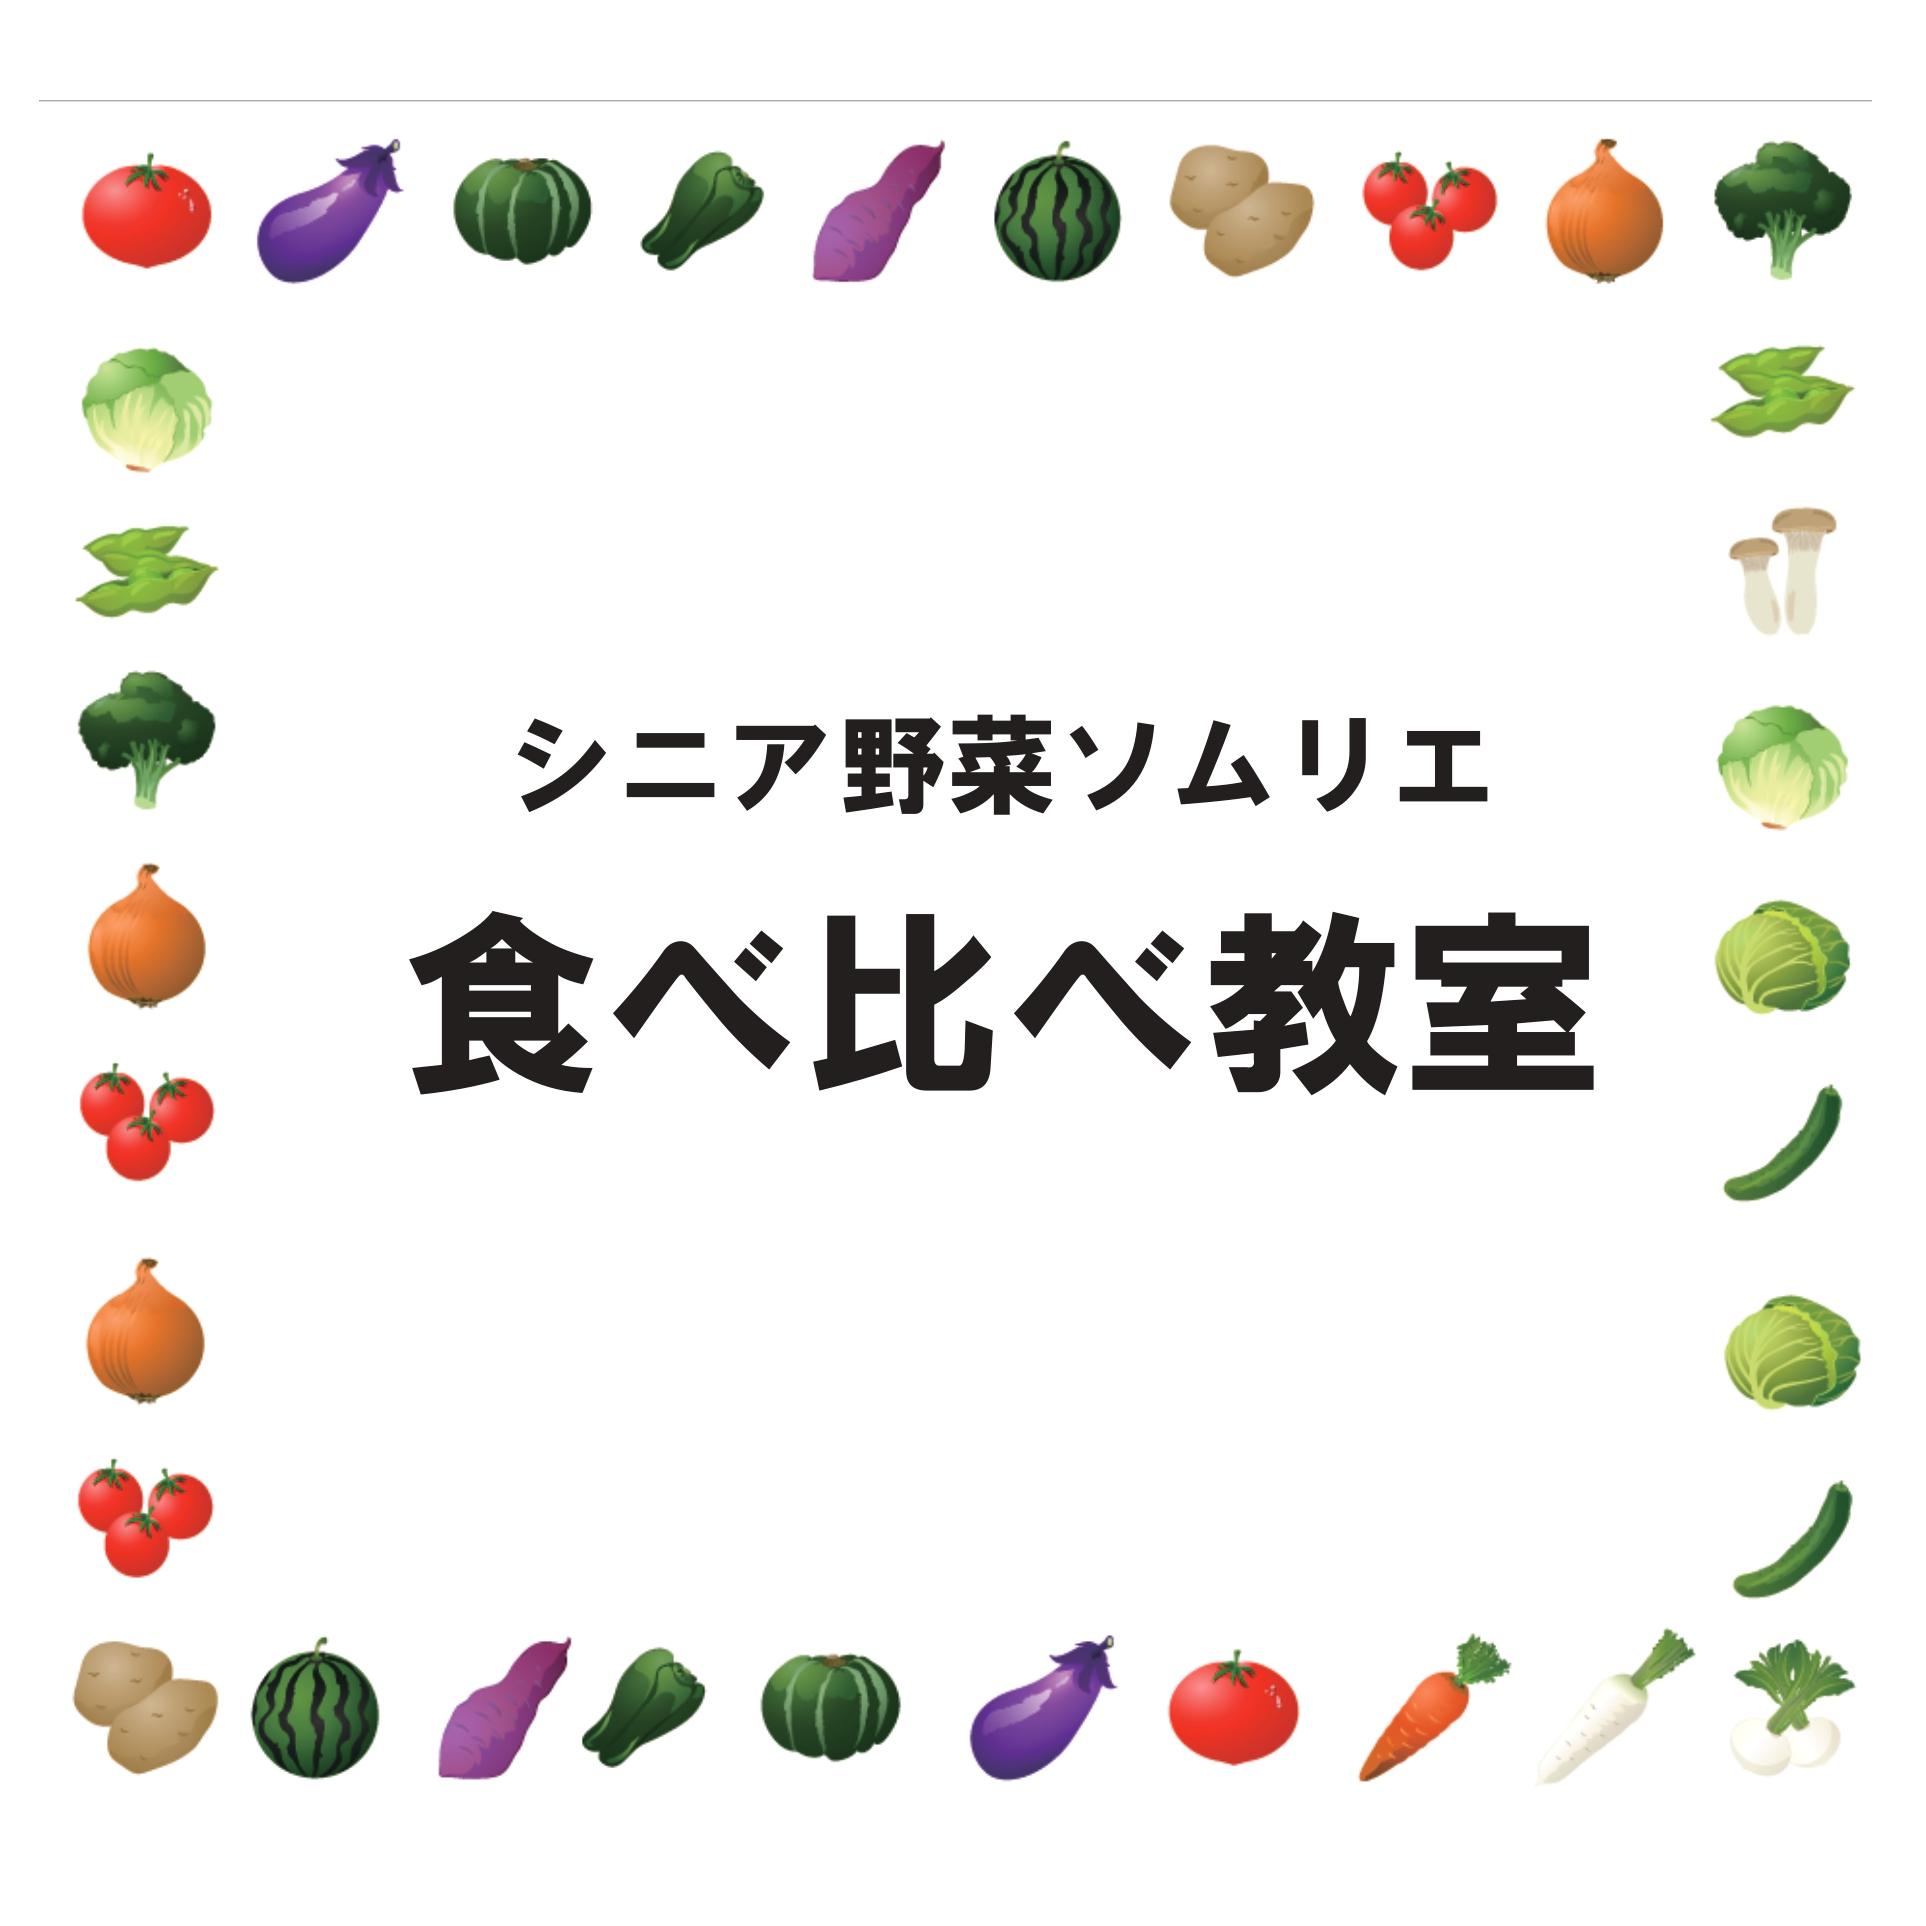 シニア野菜ソムリエ食べ比べ教室